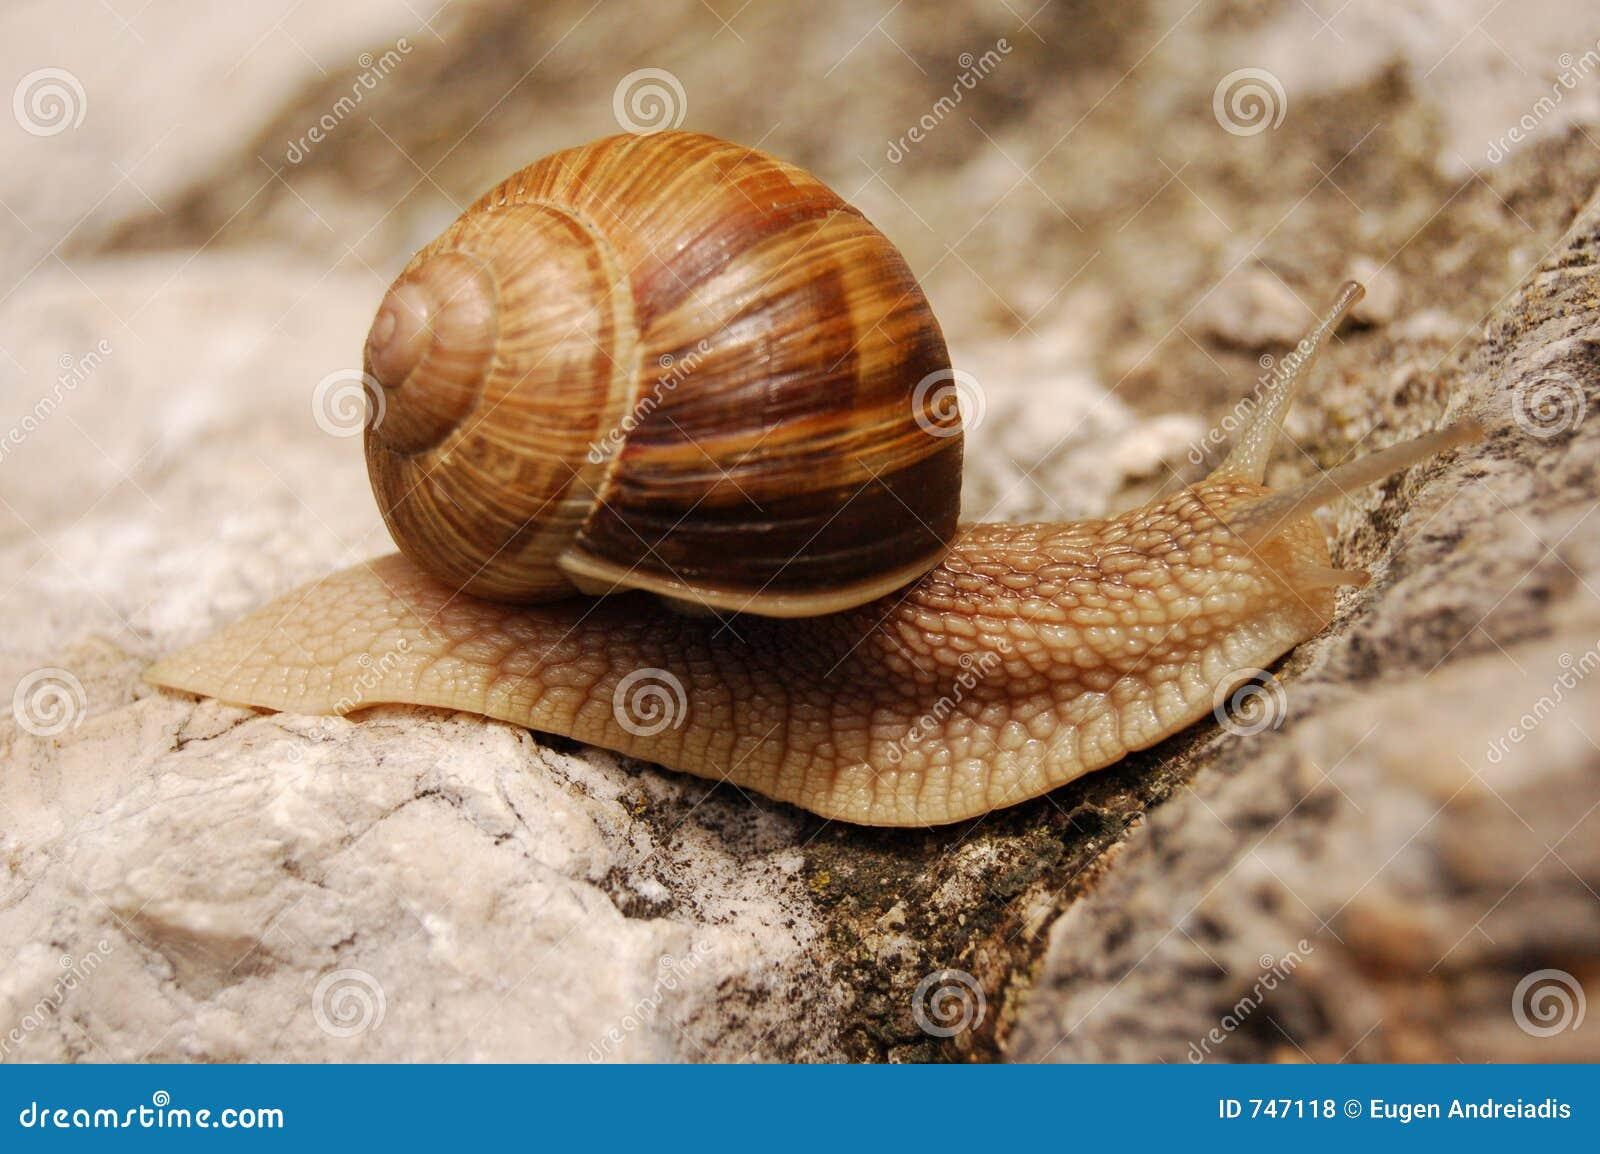 Snail moving on a rock